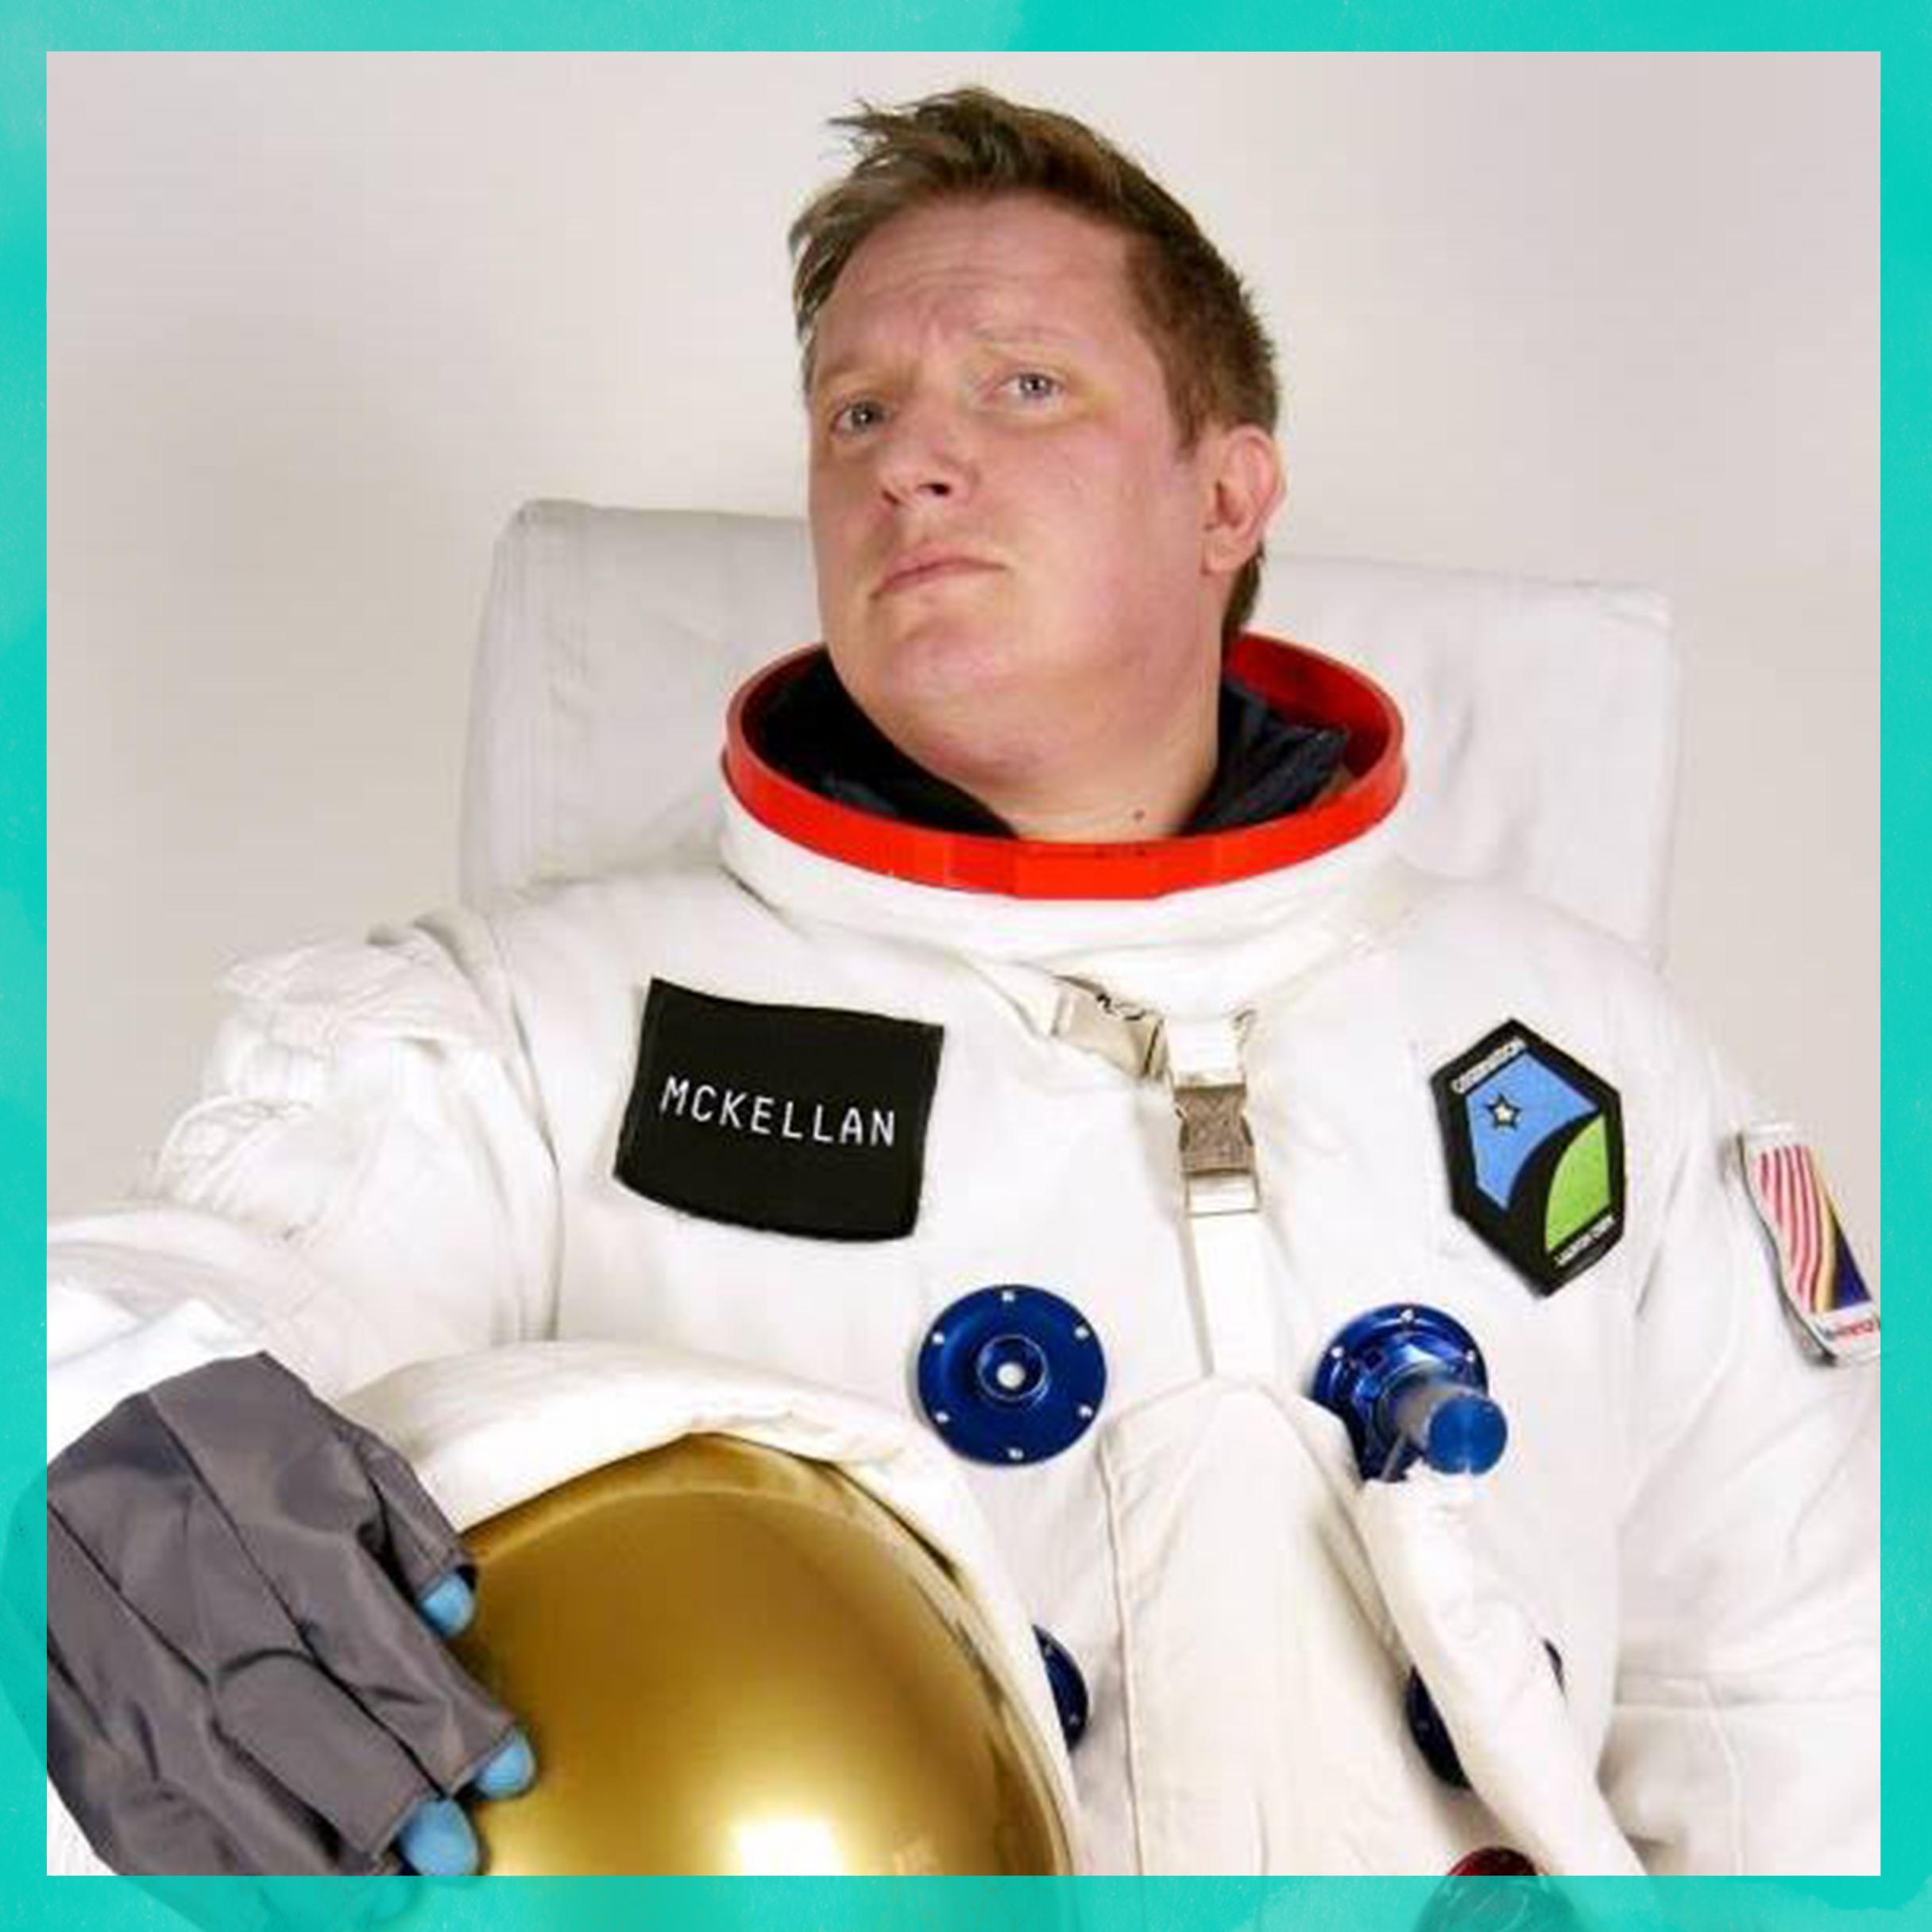 McKelstronaut